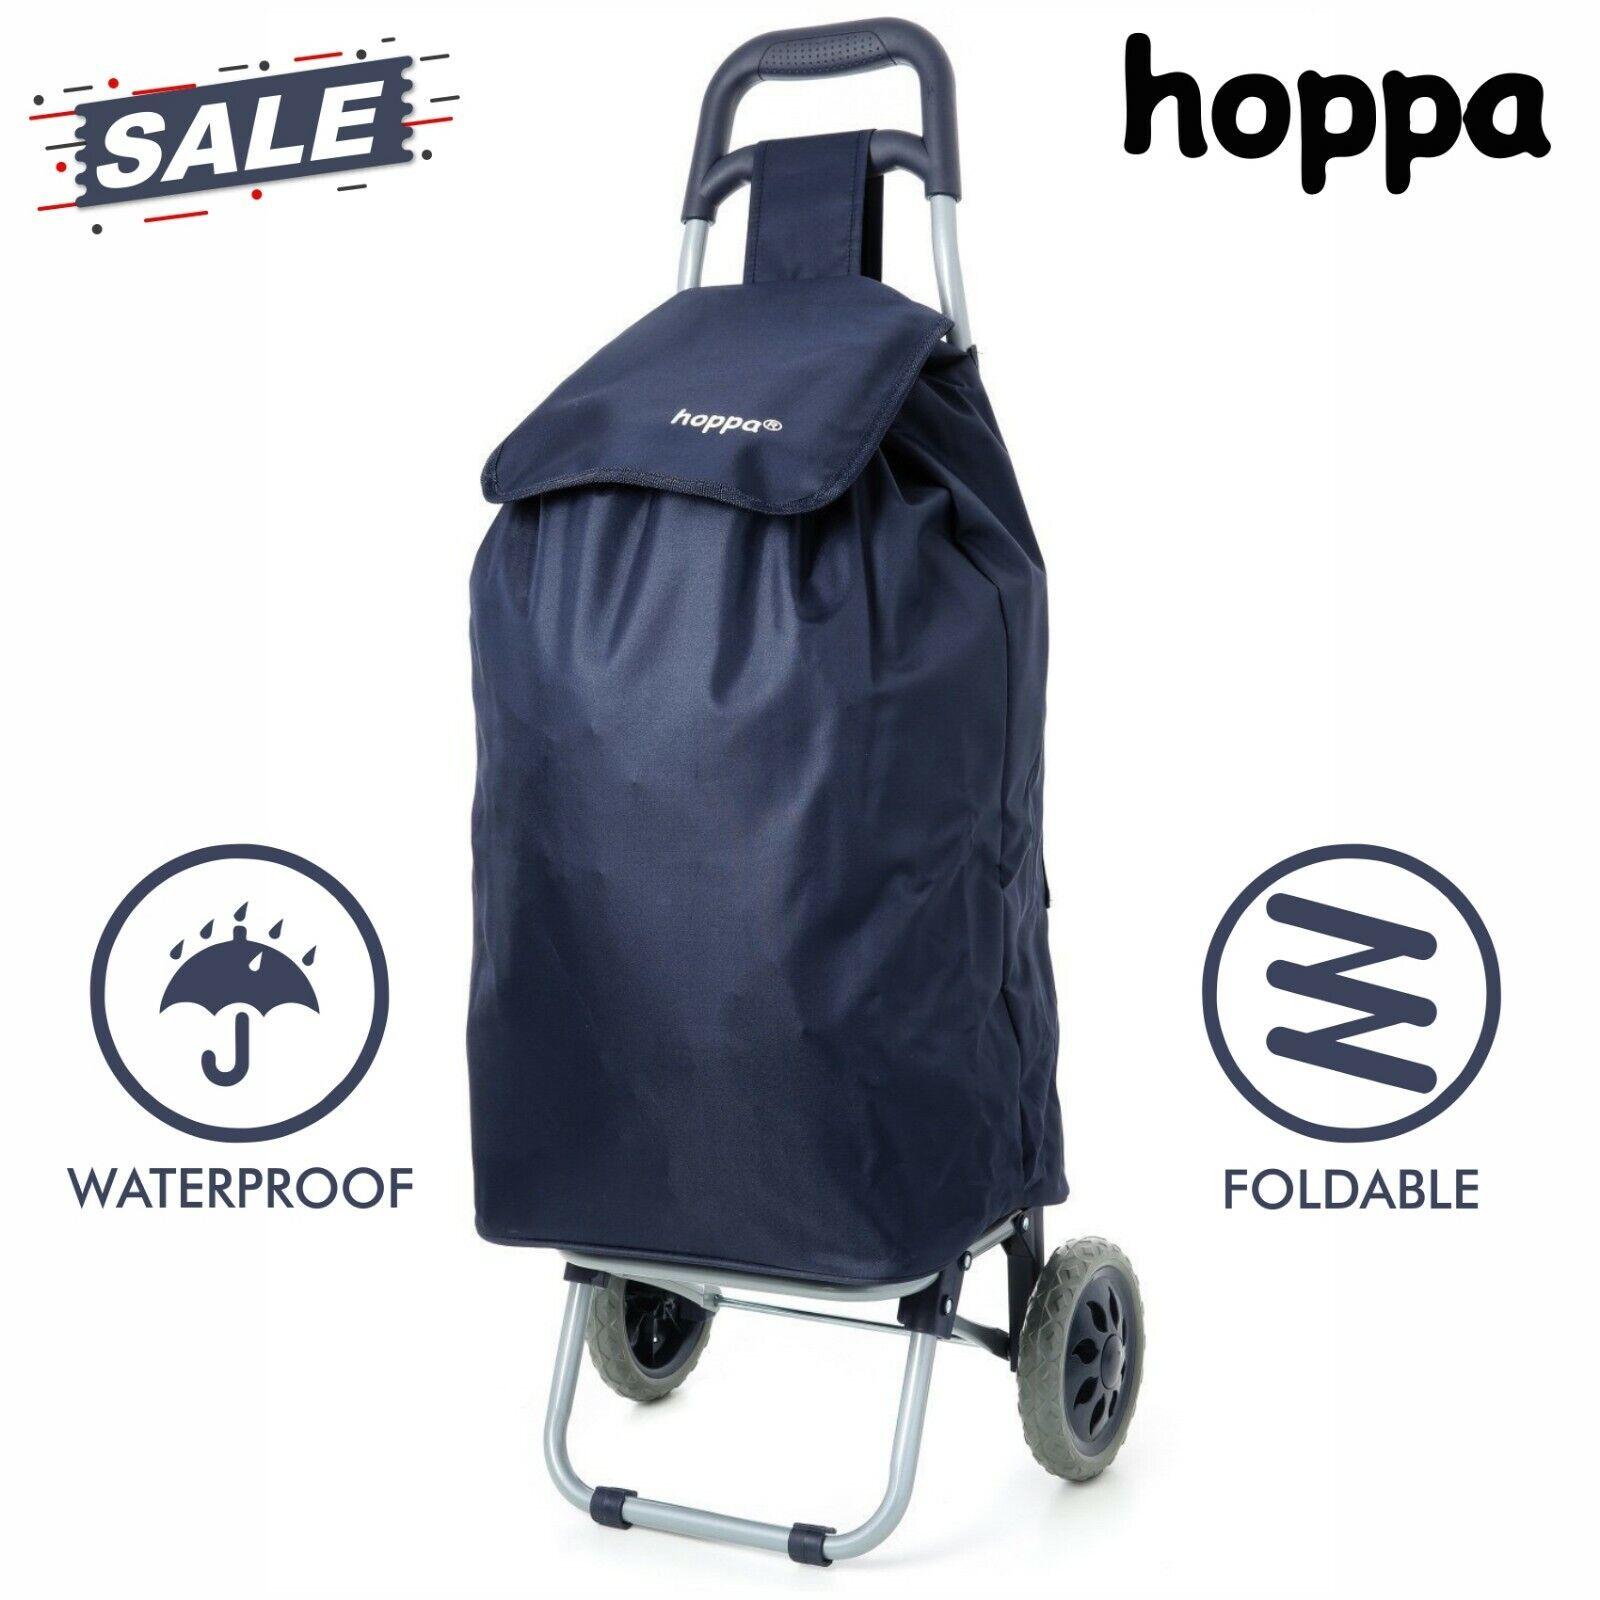 60 L Heavy Duty Shopping Sac à roulettes panier pliable Push Cart Mobilité NEUF 4 Roue